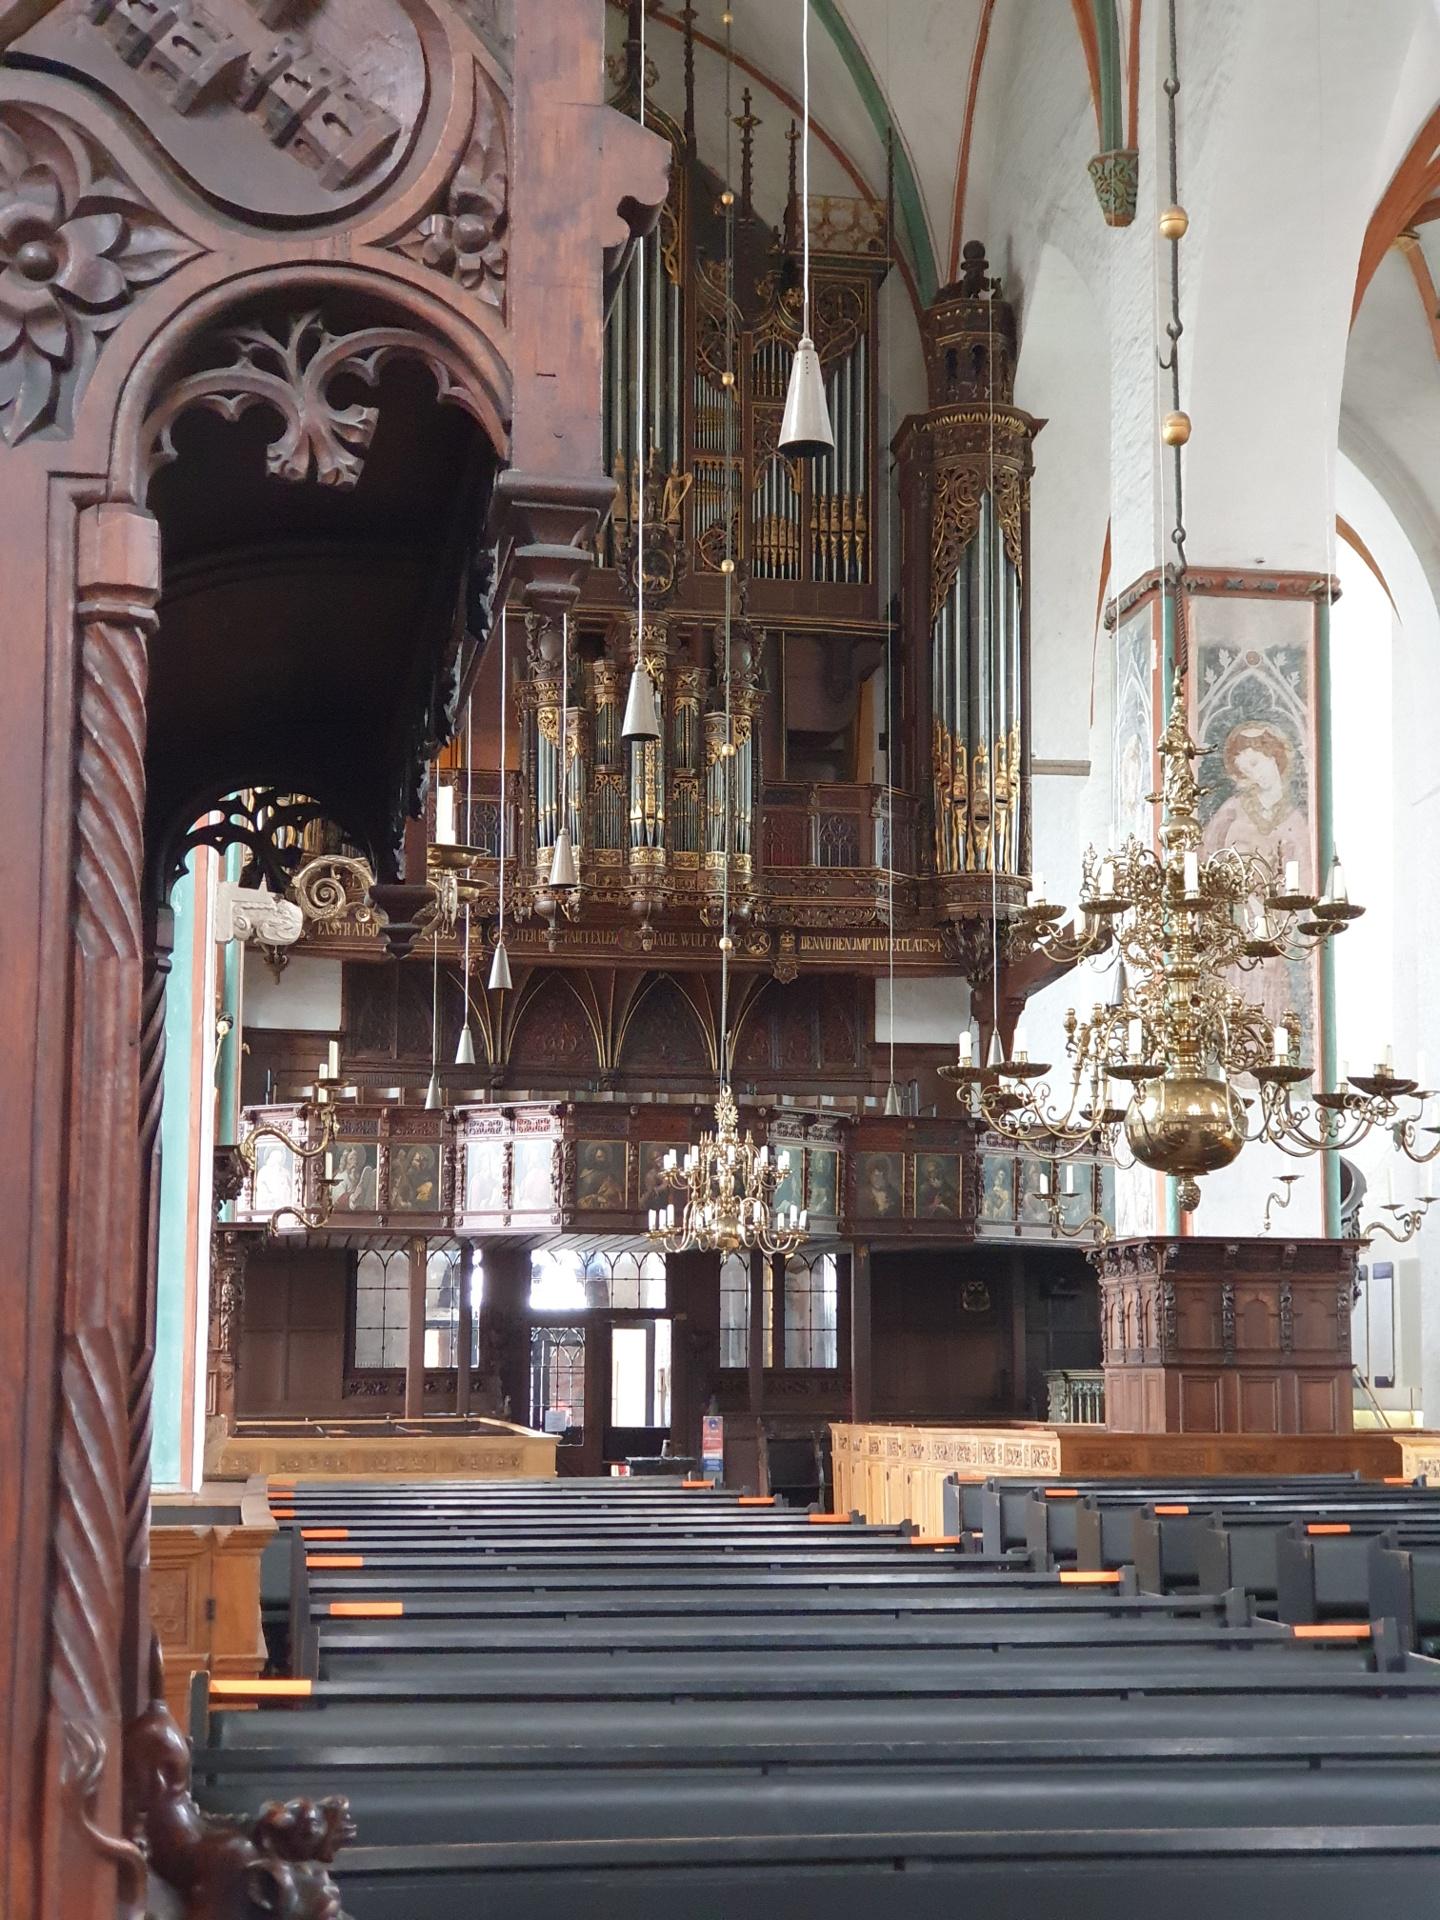 St. Jakobi, Kirche der Schiffer von 1334